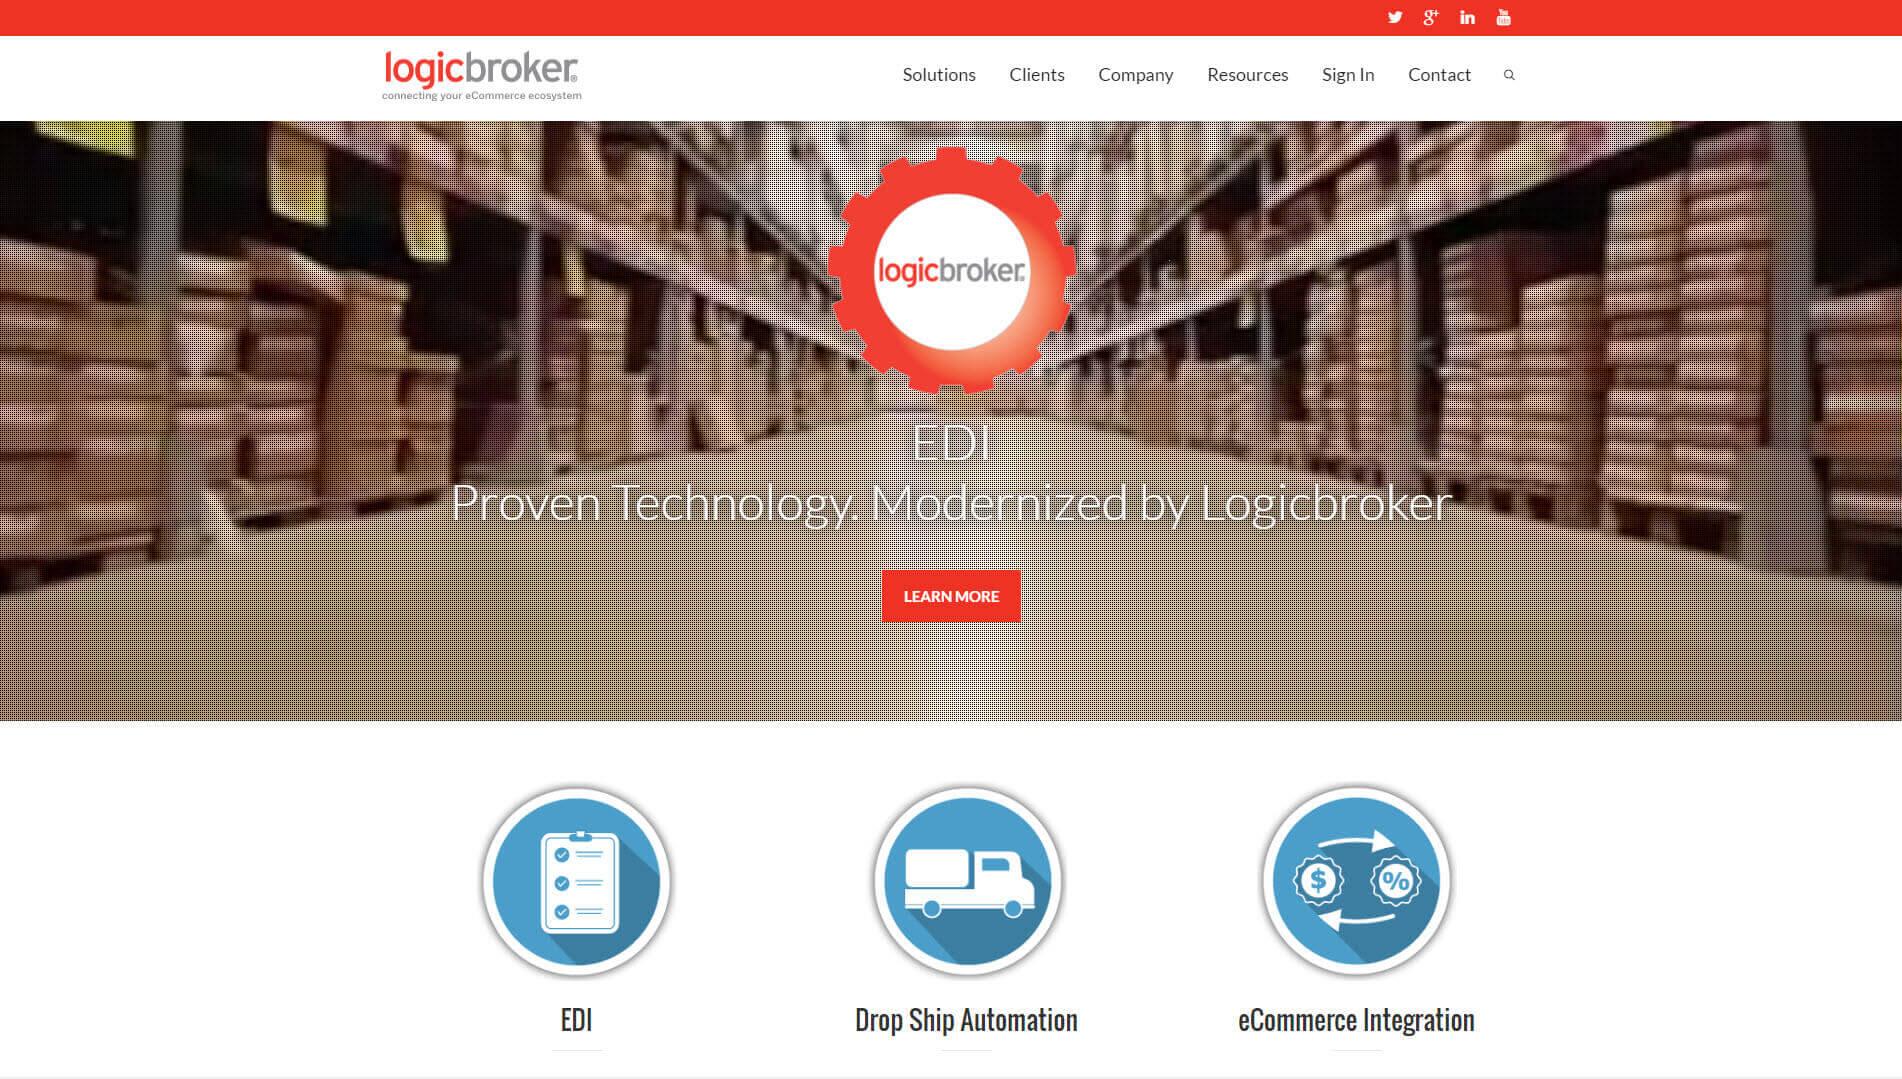 Logicbroker Homepage